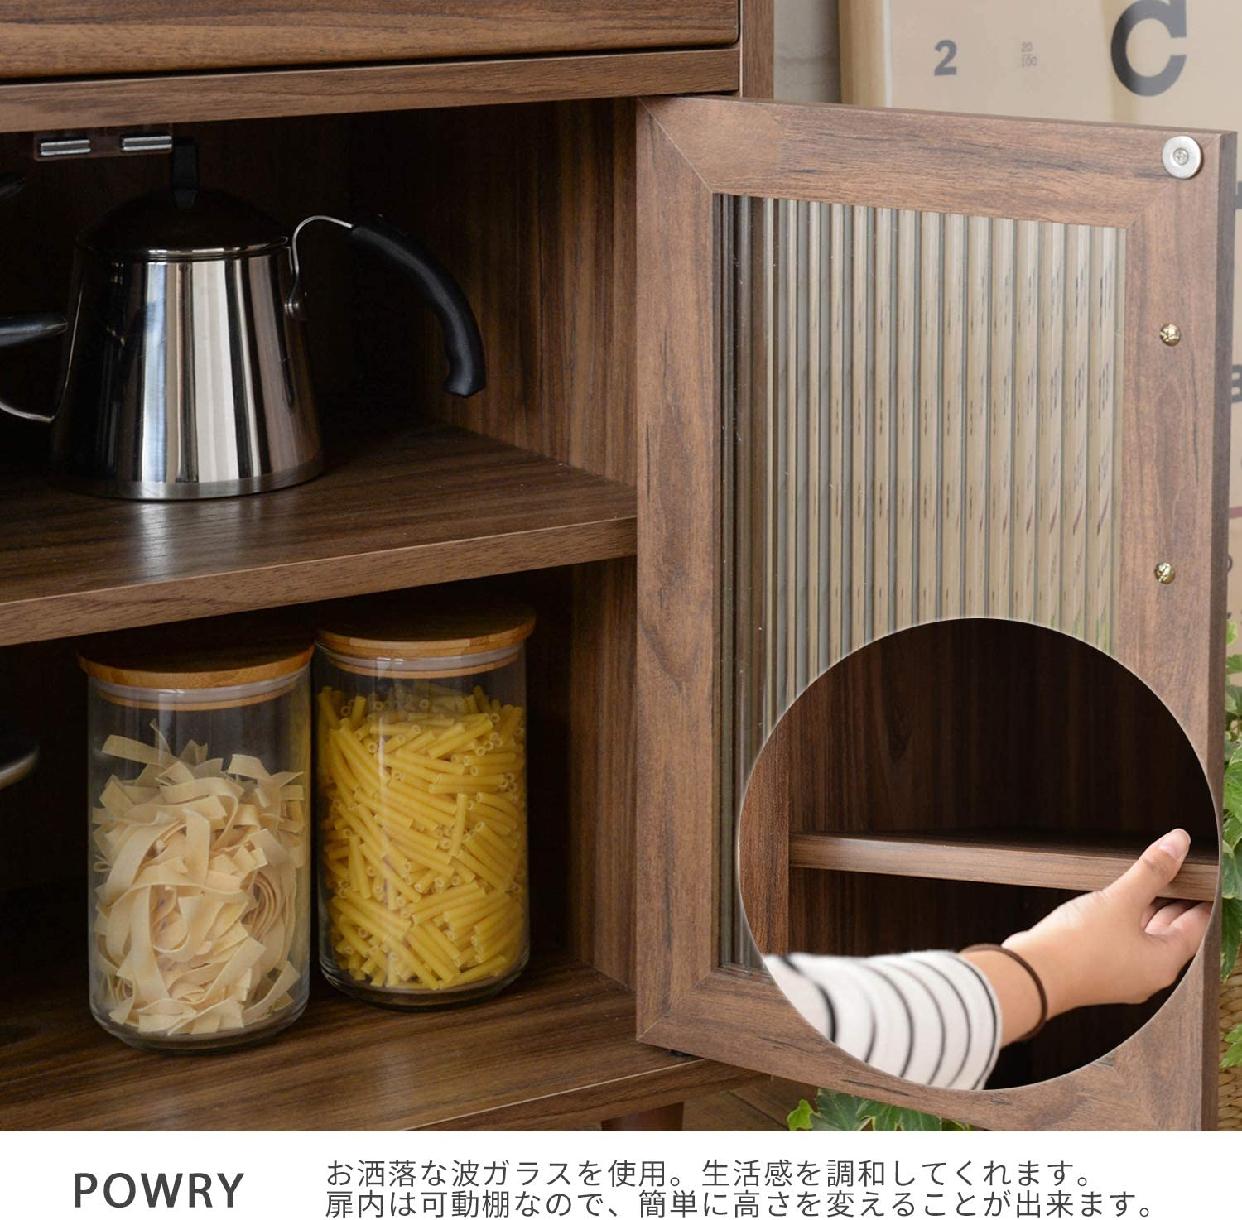 POWRY(ポーリー)レンジ台 ブラウン PW120-60Lの商品画像5